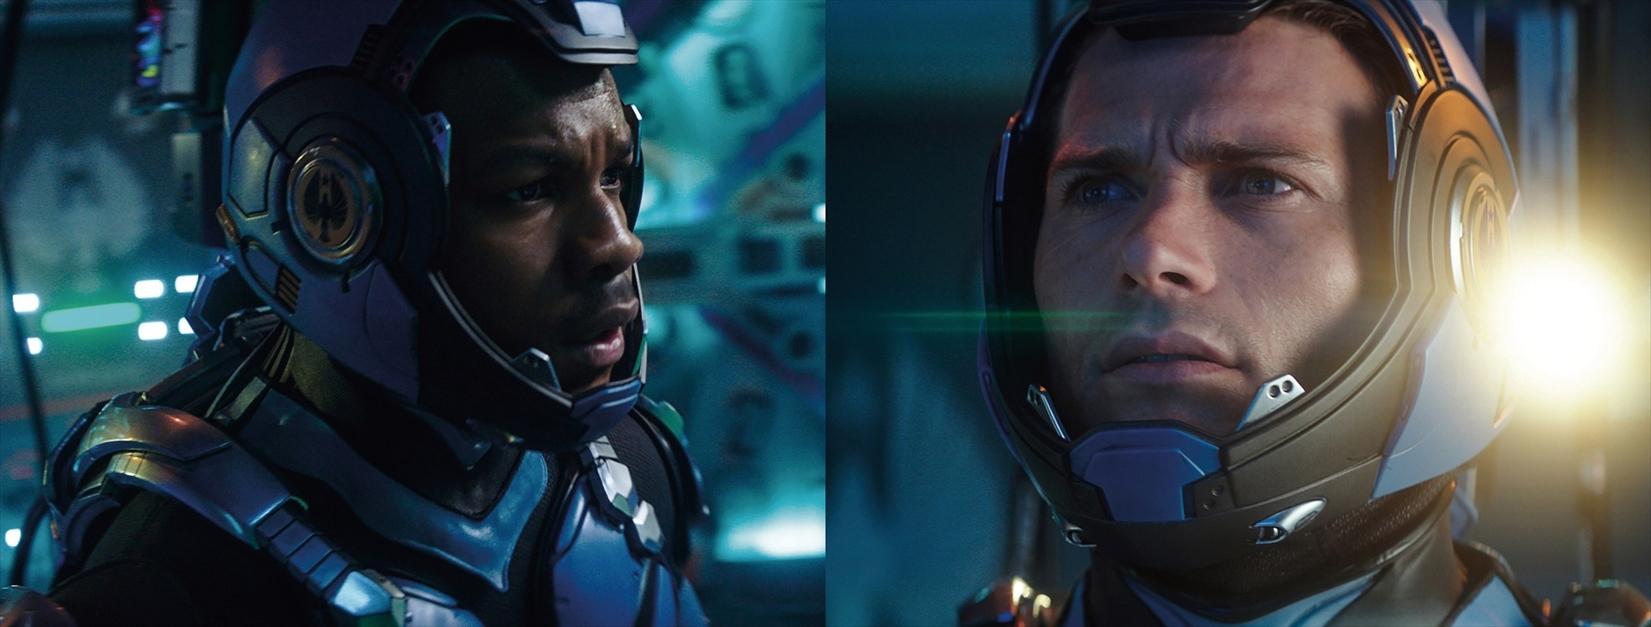 左から、ジョン・ボイエガ、スコット・イーストウッド (C)Legendary Pictures/Universal Pictures.